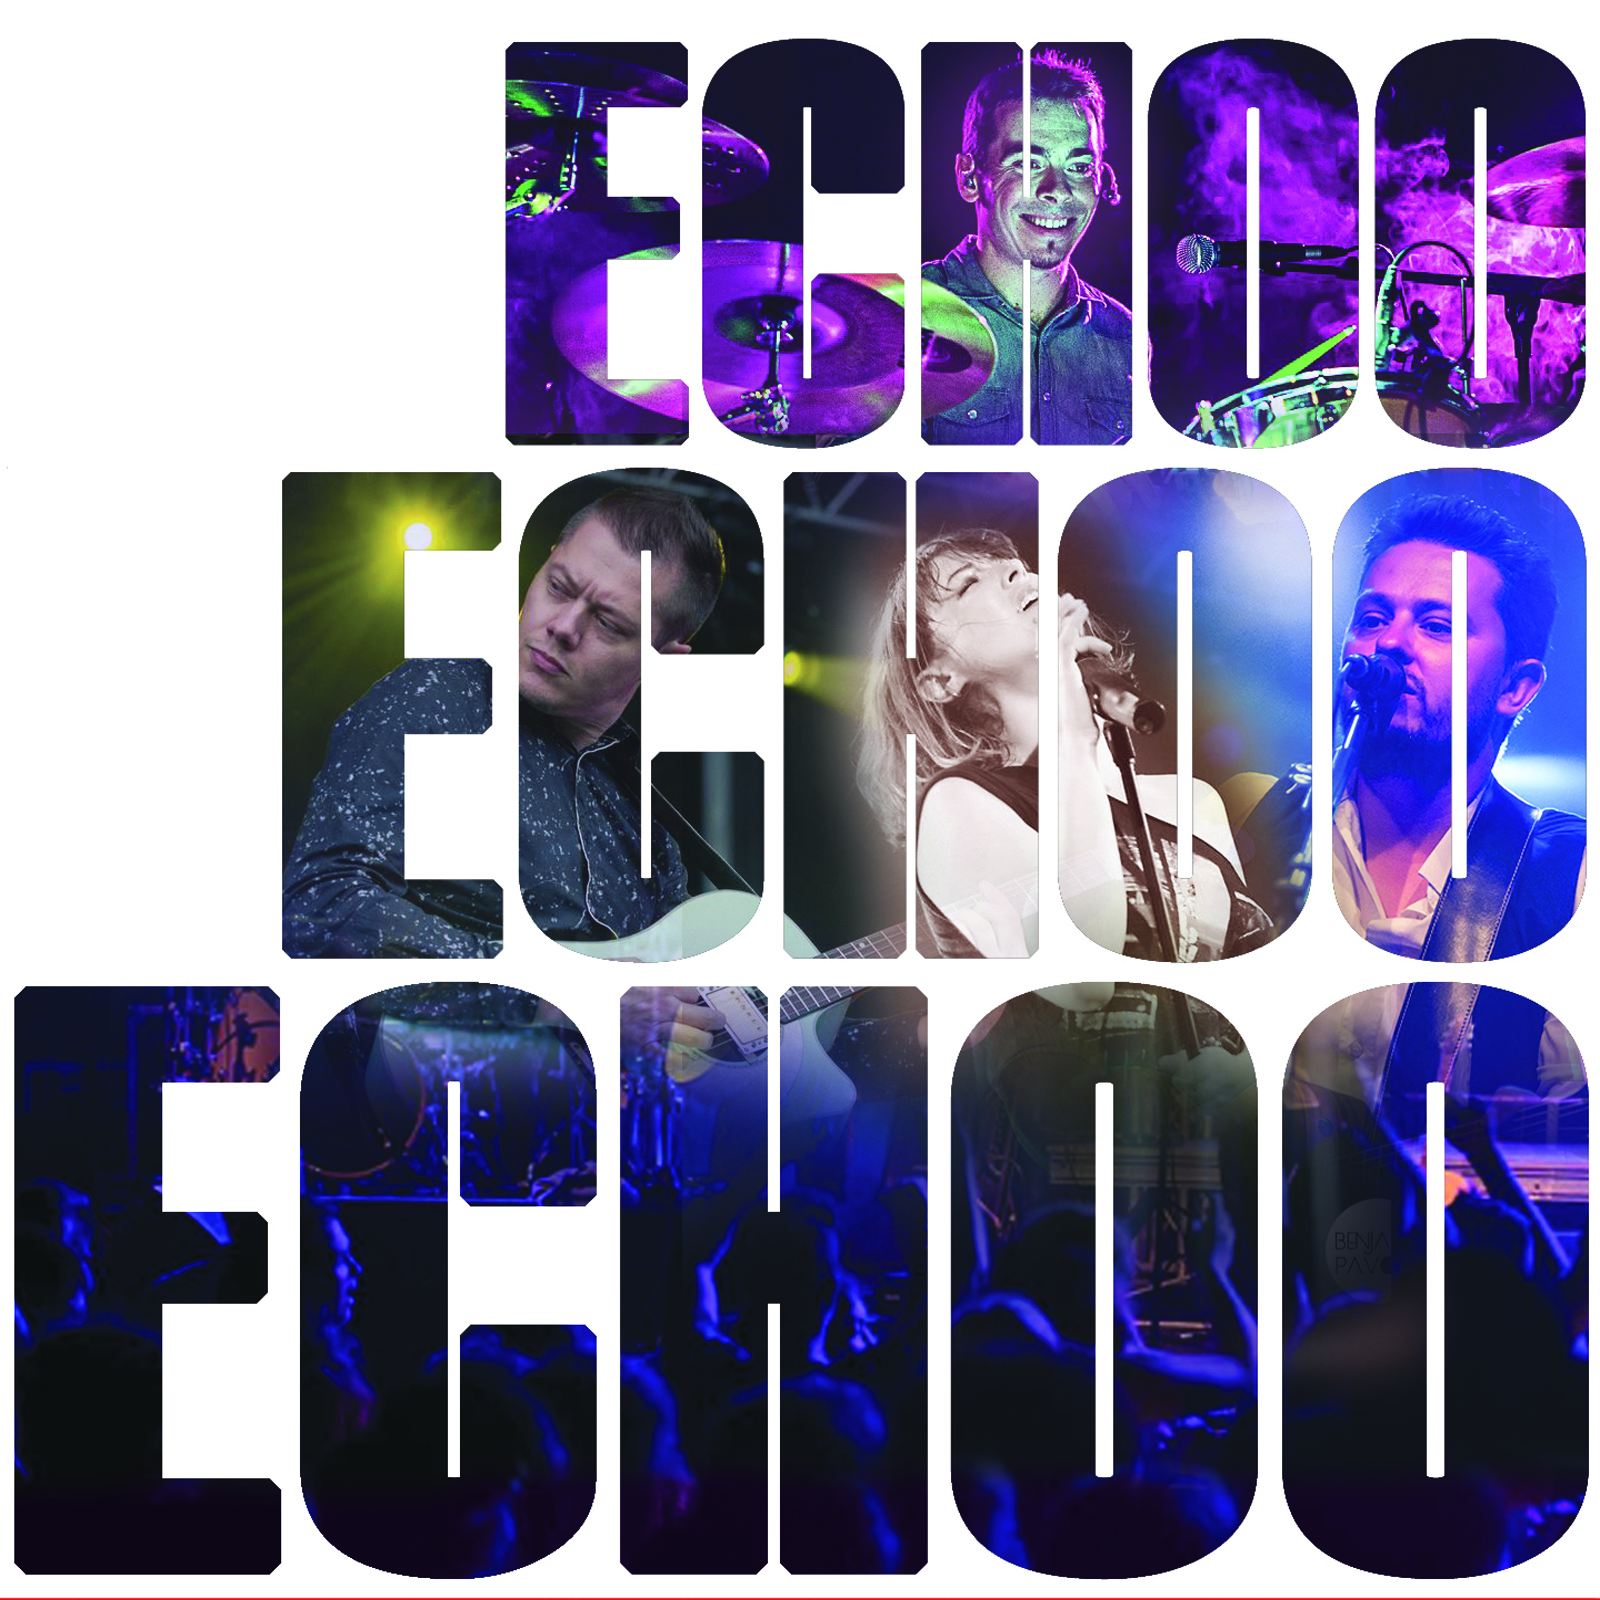 EchOo 2017